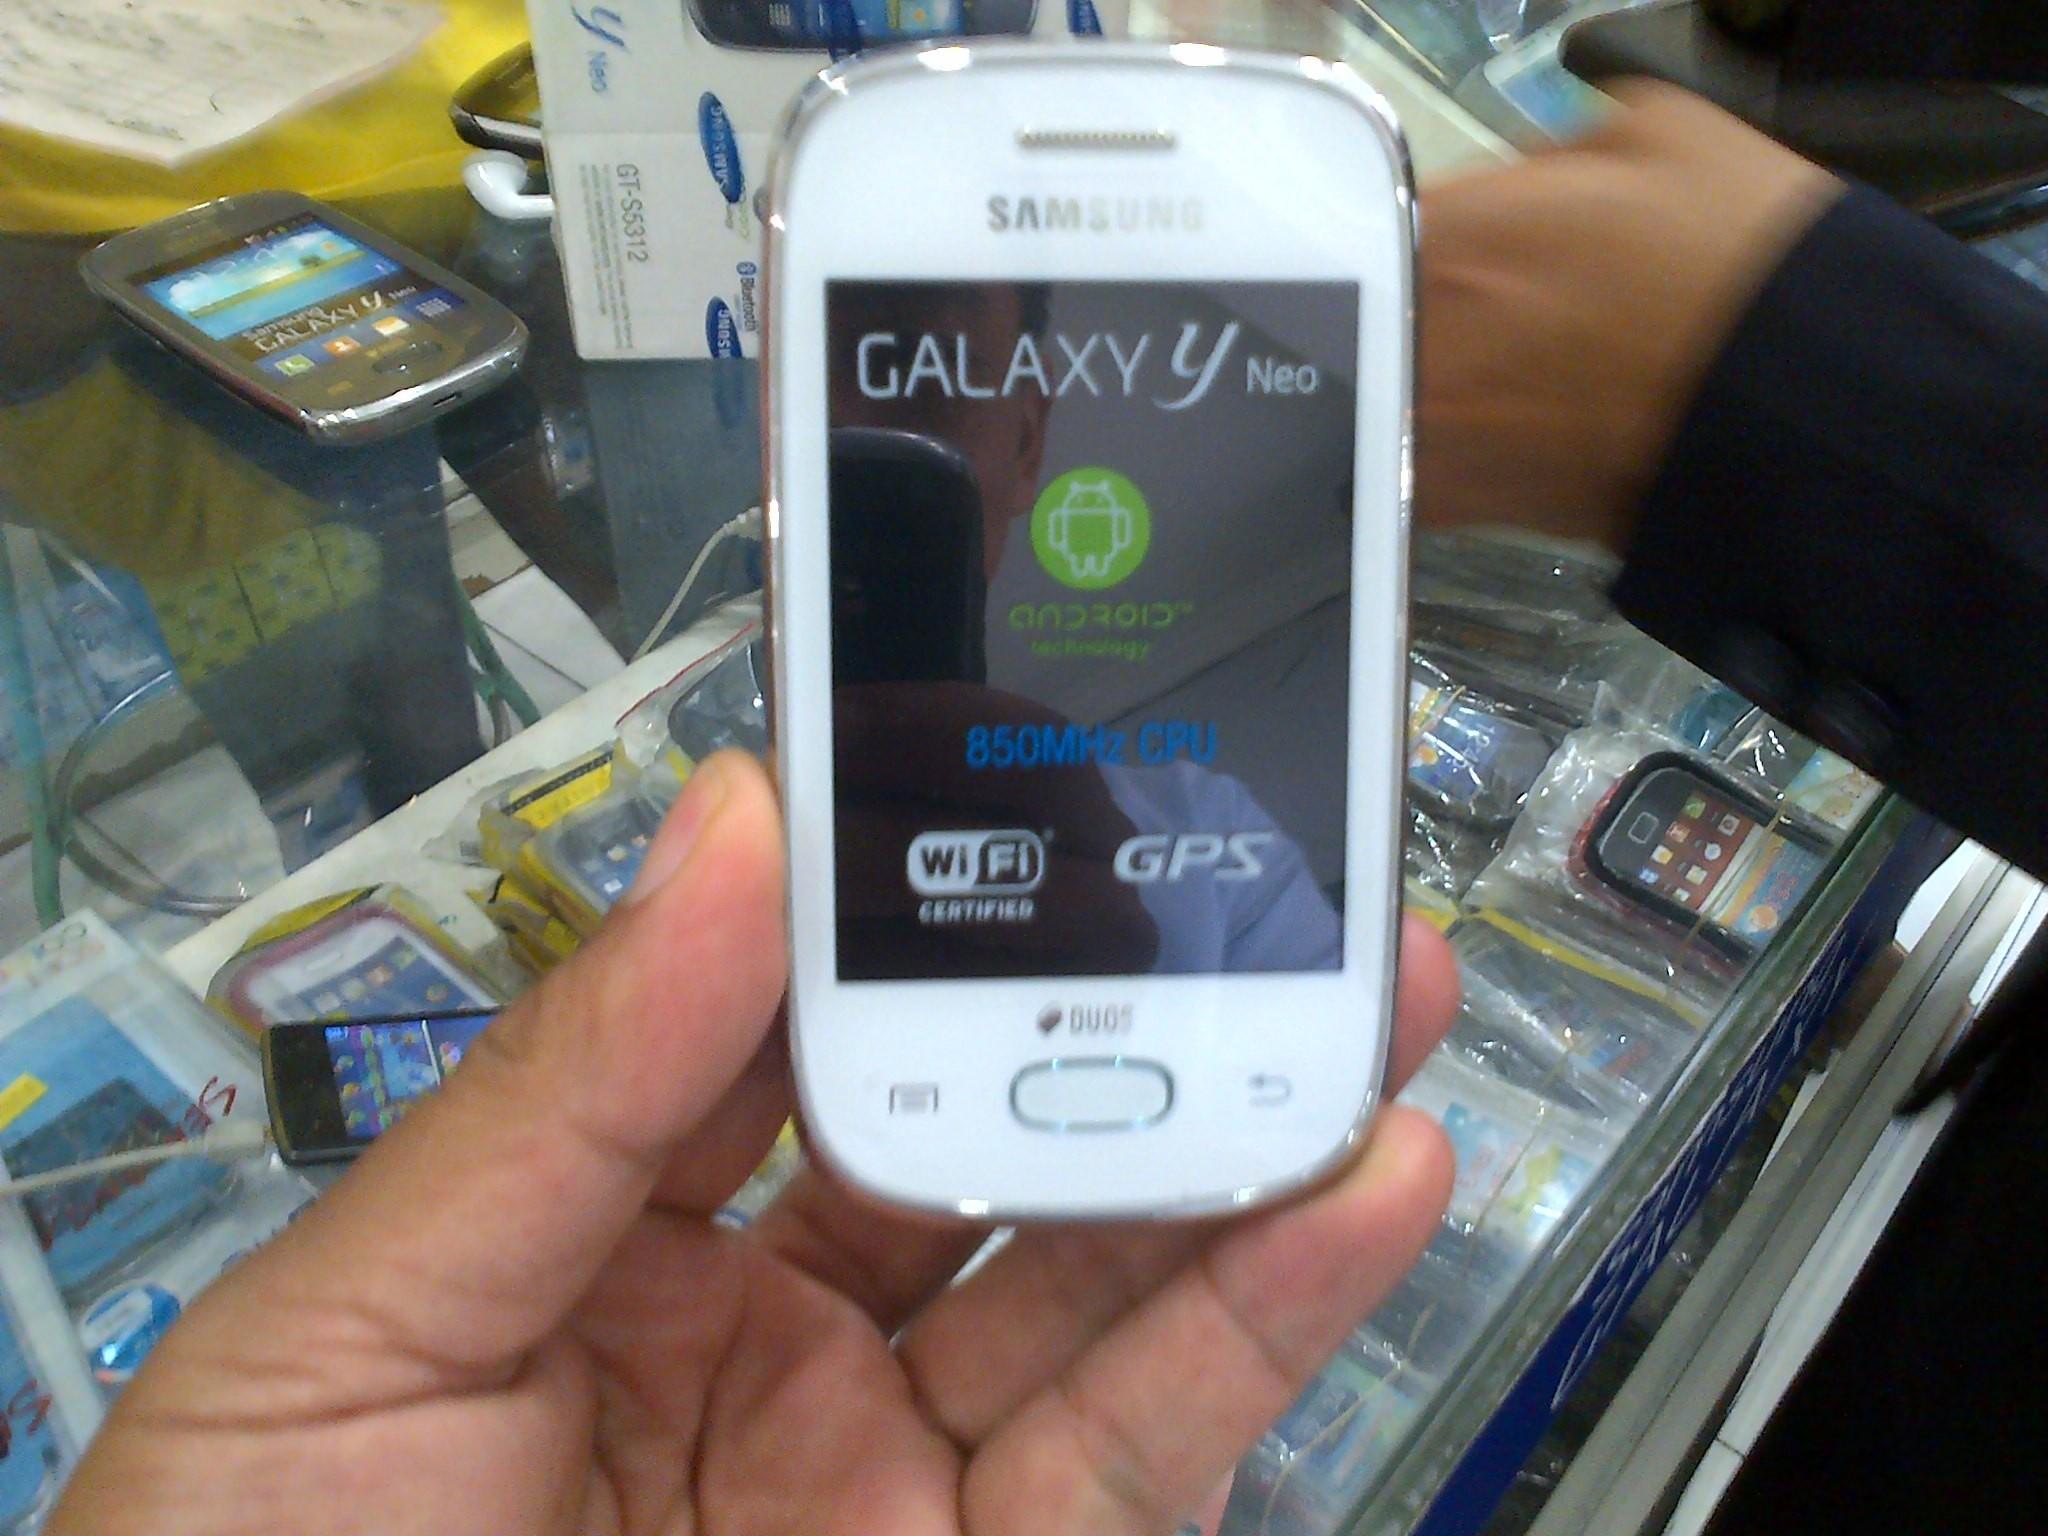 Jual Hp Smartphone Samsung Galaxy Young Neo Duos S5312 Second Seken Bekas Y Miftah Cellular